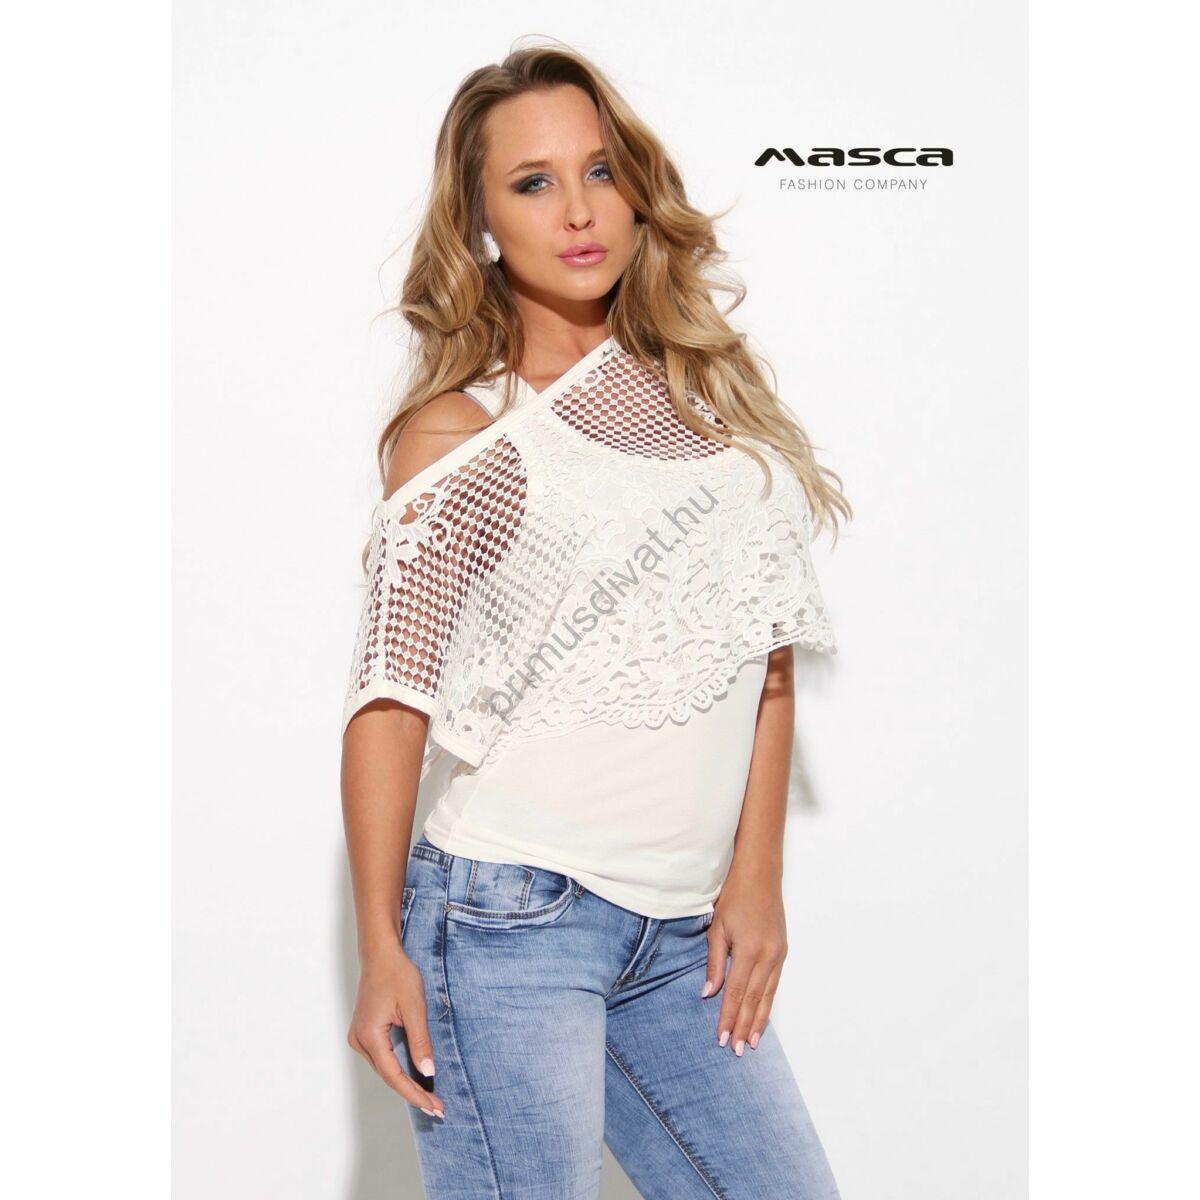 1be5ad3986 Kép 1/1 - Masca Fashion trikópántos törtfehér felső, különálló csónaknyakú  rövid csipke felsőrésszel